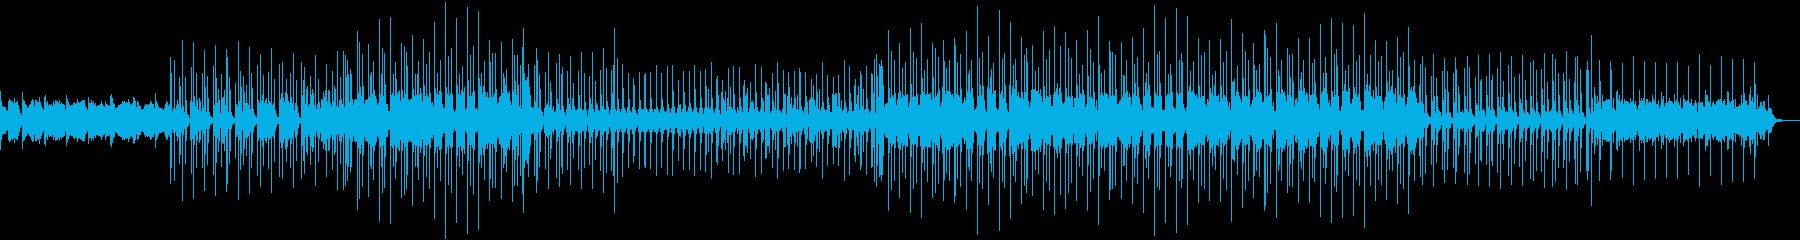 Hornなど使ったカッコよめの再生済みの波形